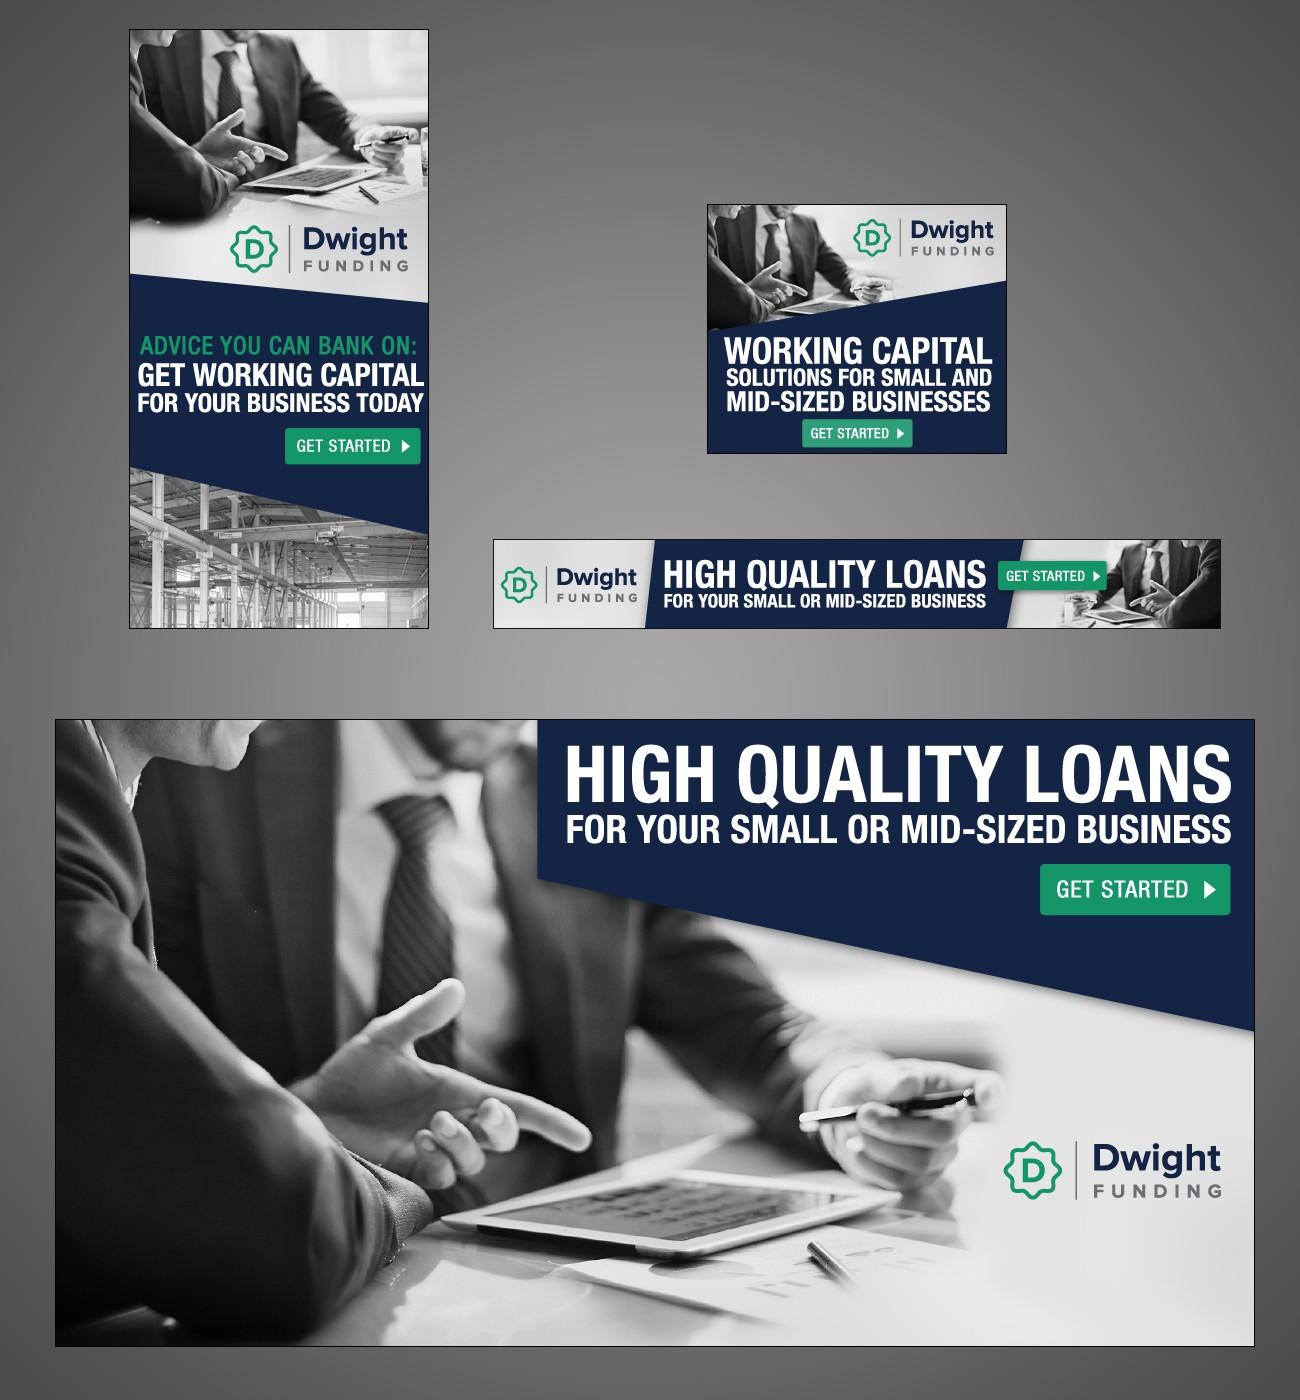 Banner ad for asset-based lender Dwight Funding